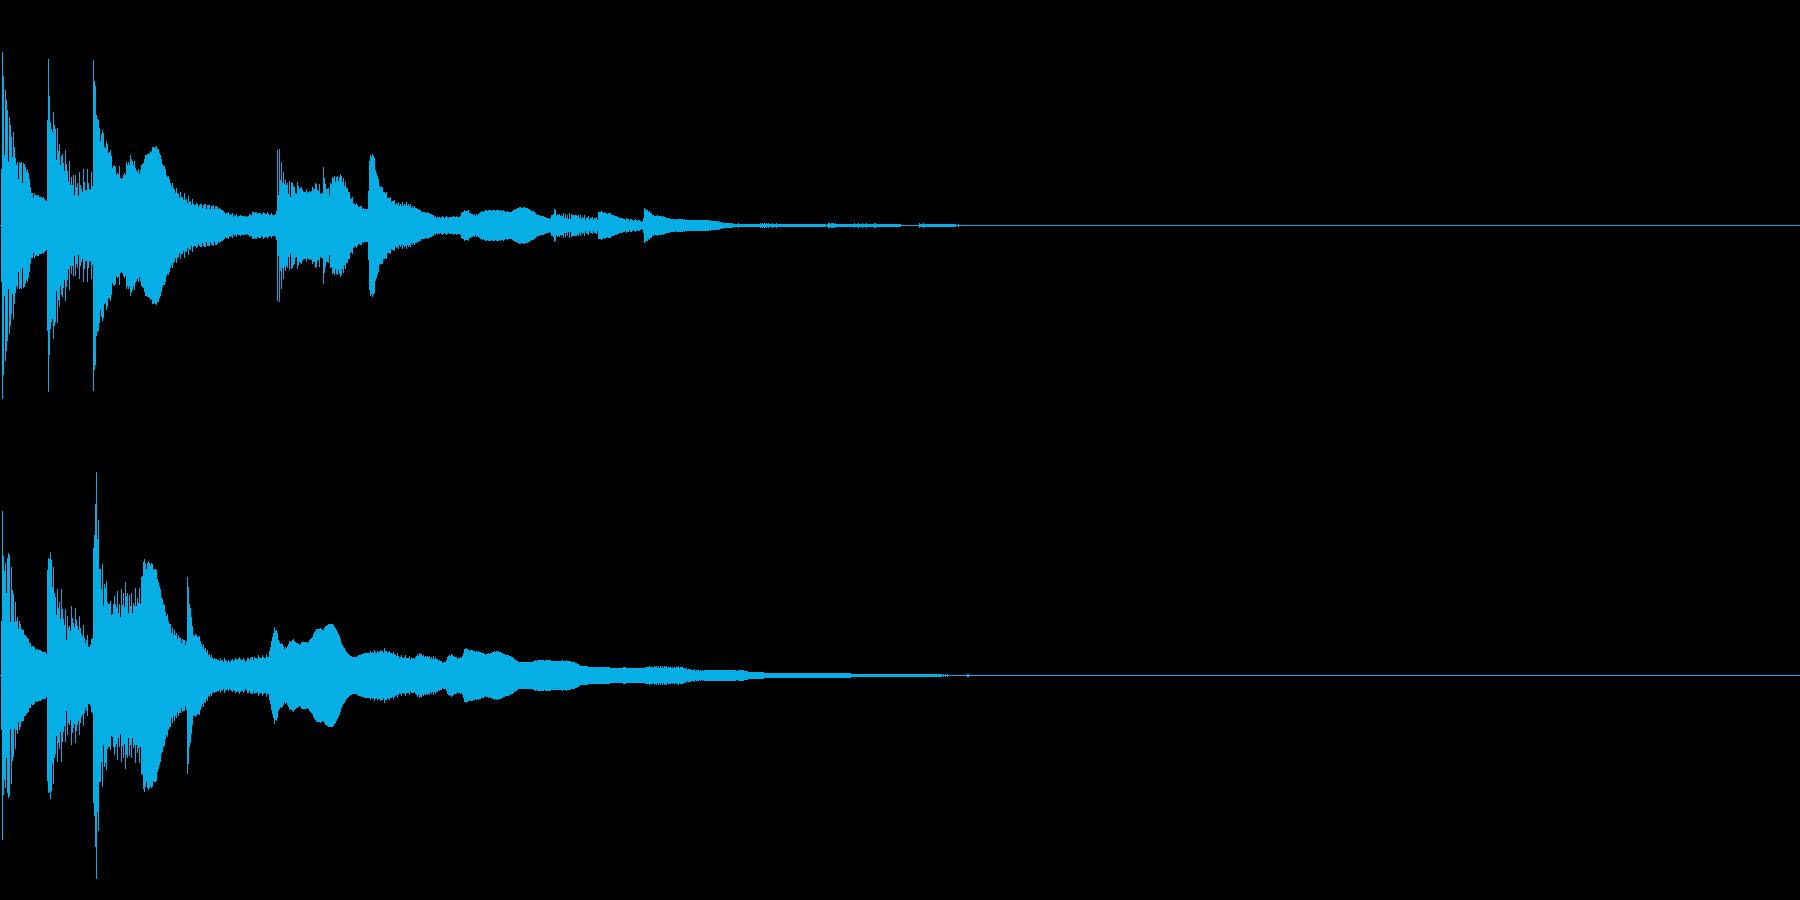 パラランウンララ…(アイキャッチ)の再生済みの波形